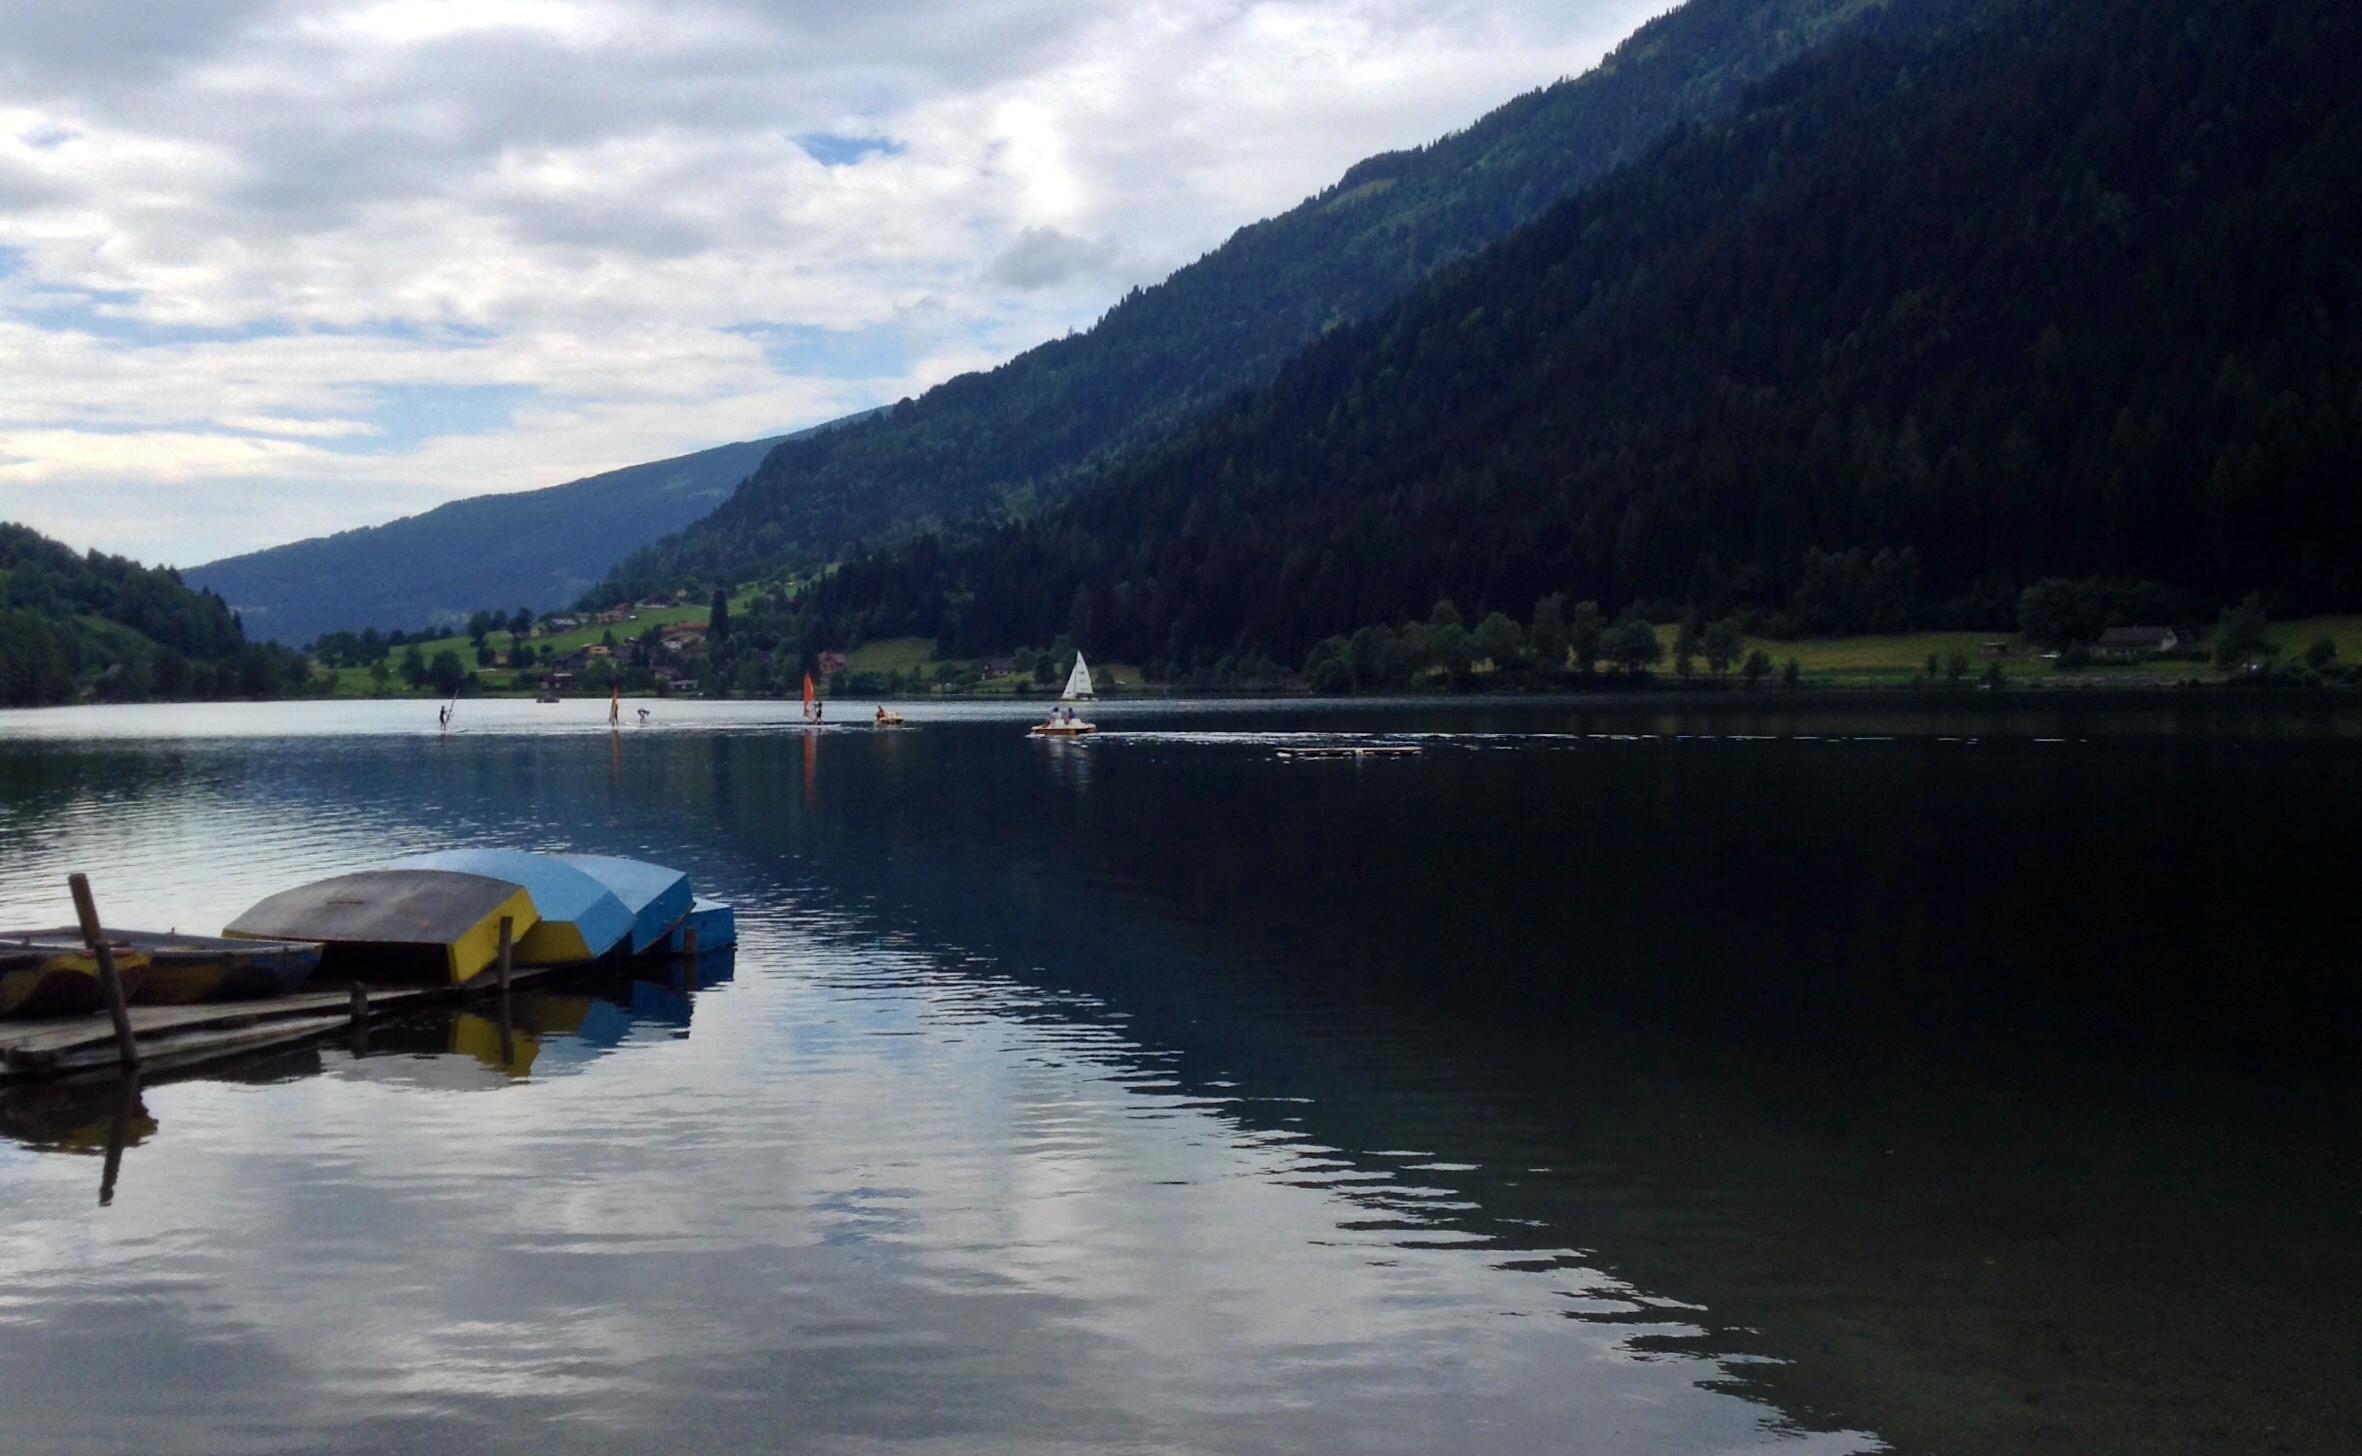 The Feldsee (lake) at Feld am See, Kärnten